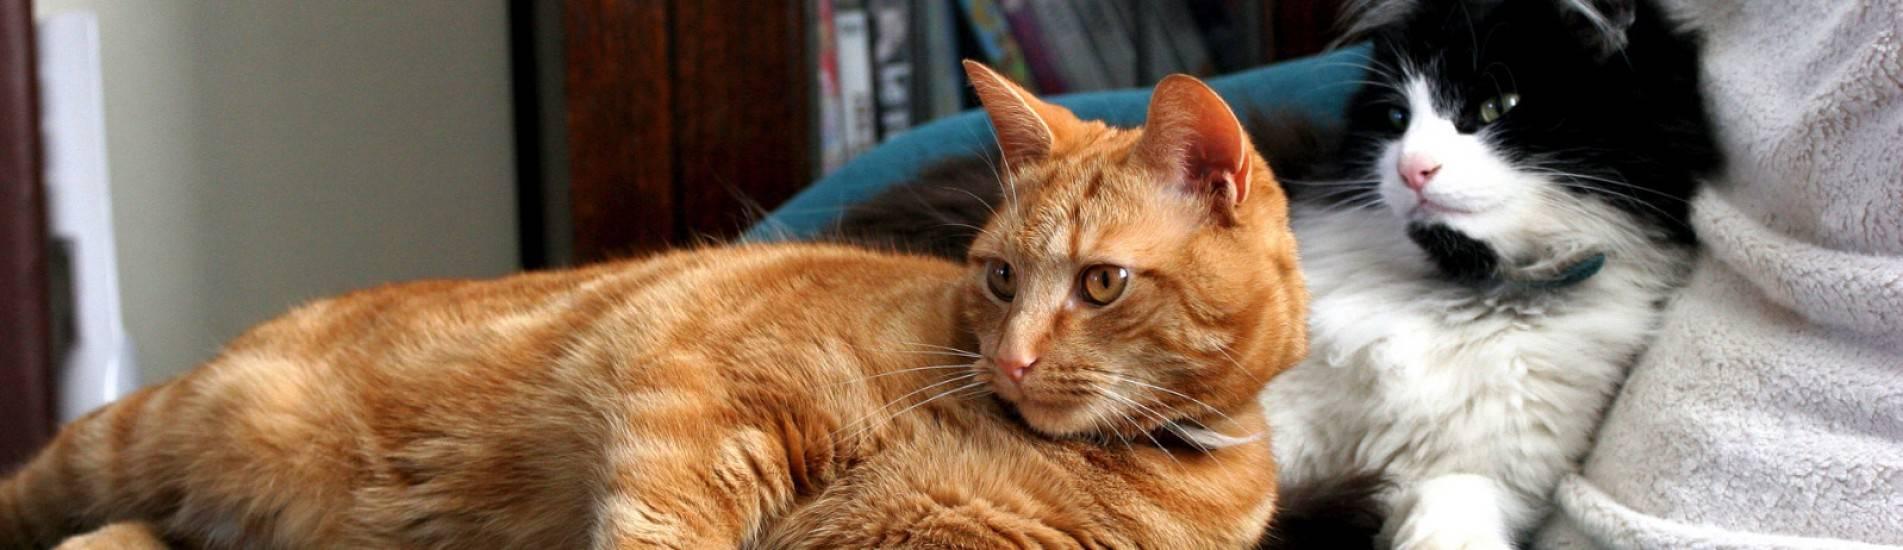 Как понять, что кошка готова к вязке: по первым признакам и поведению